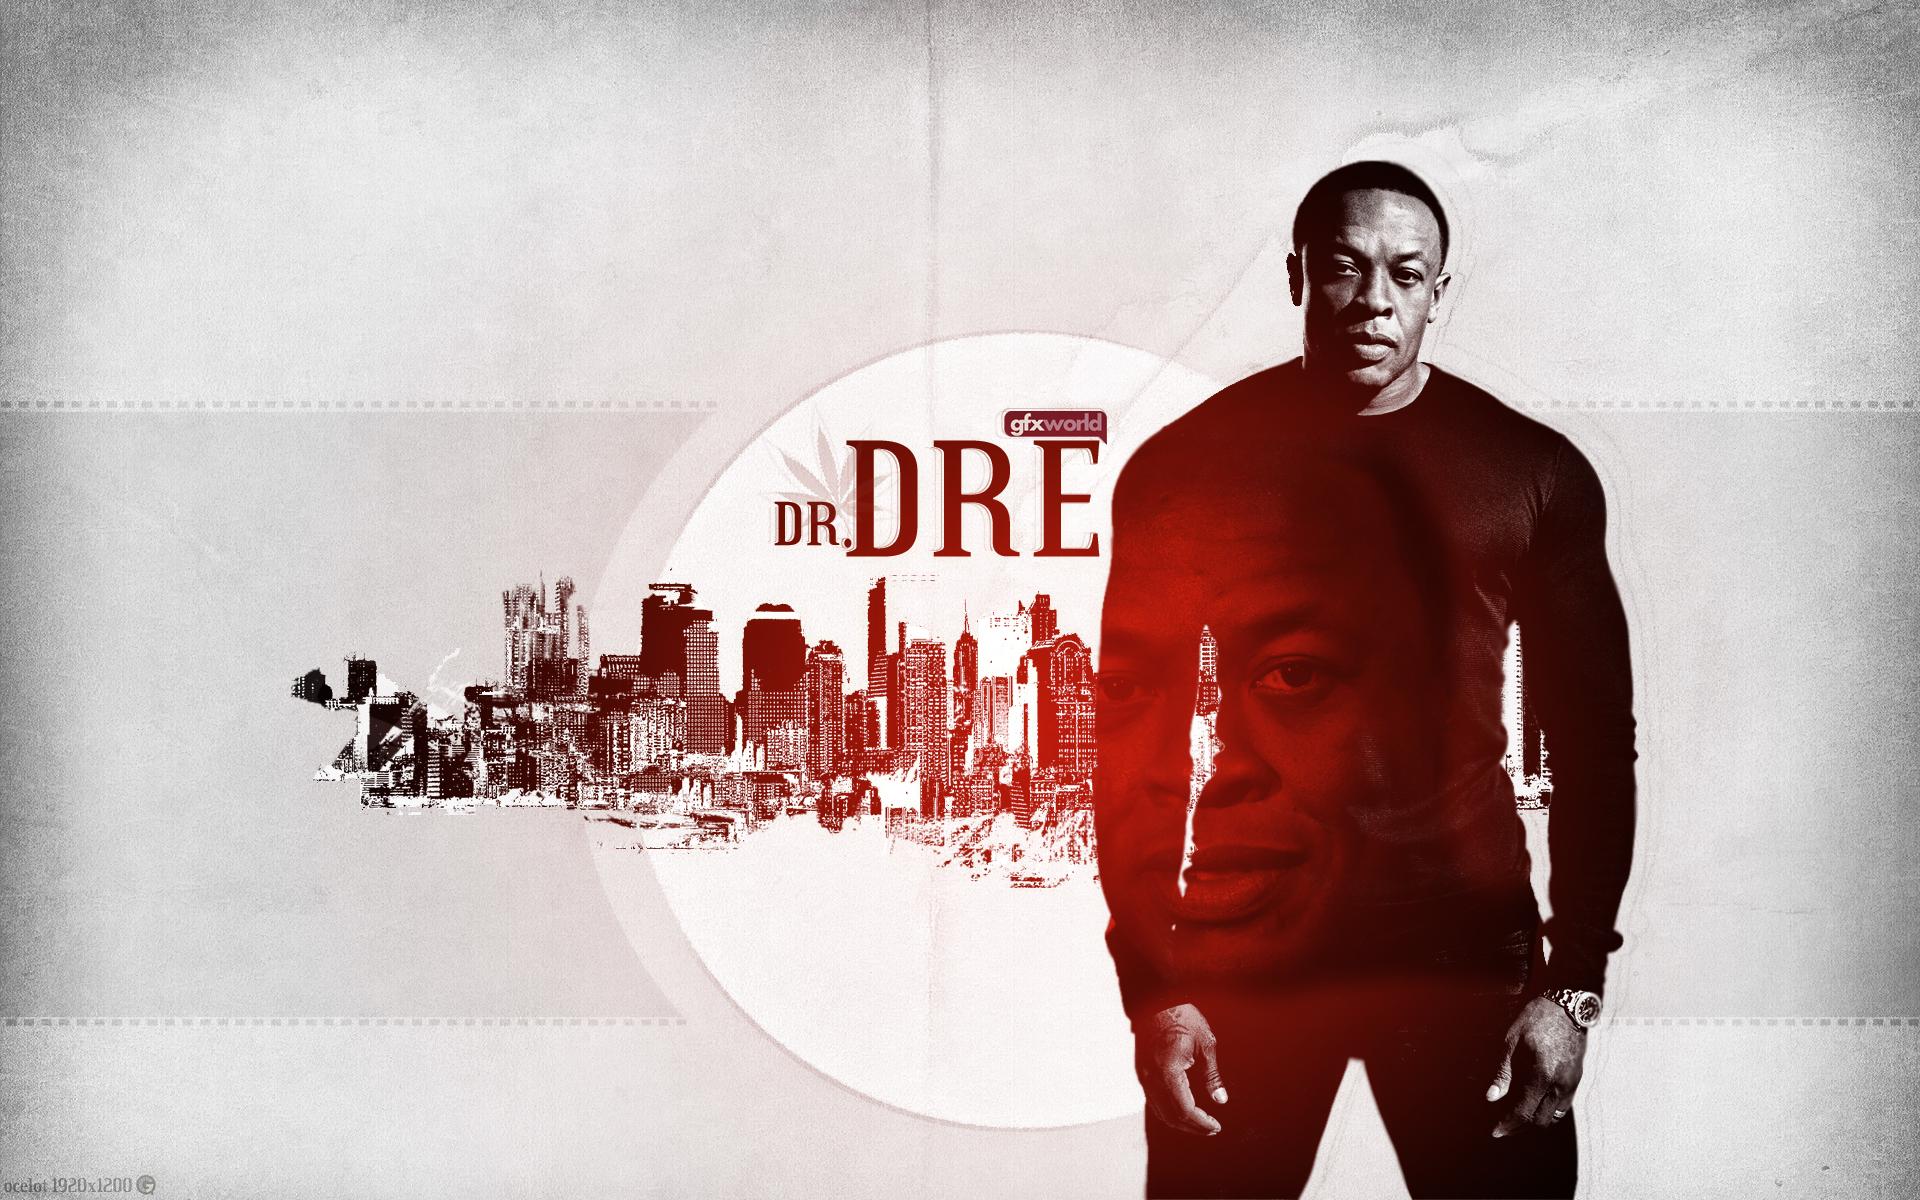 Dr. Dre by Ocelotek